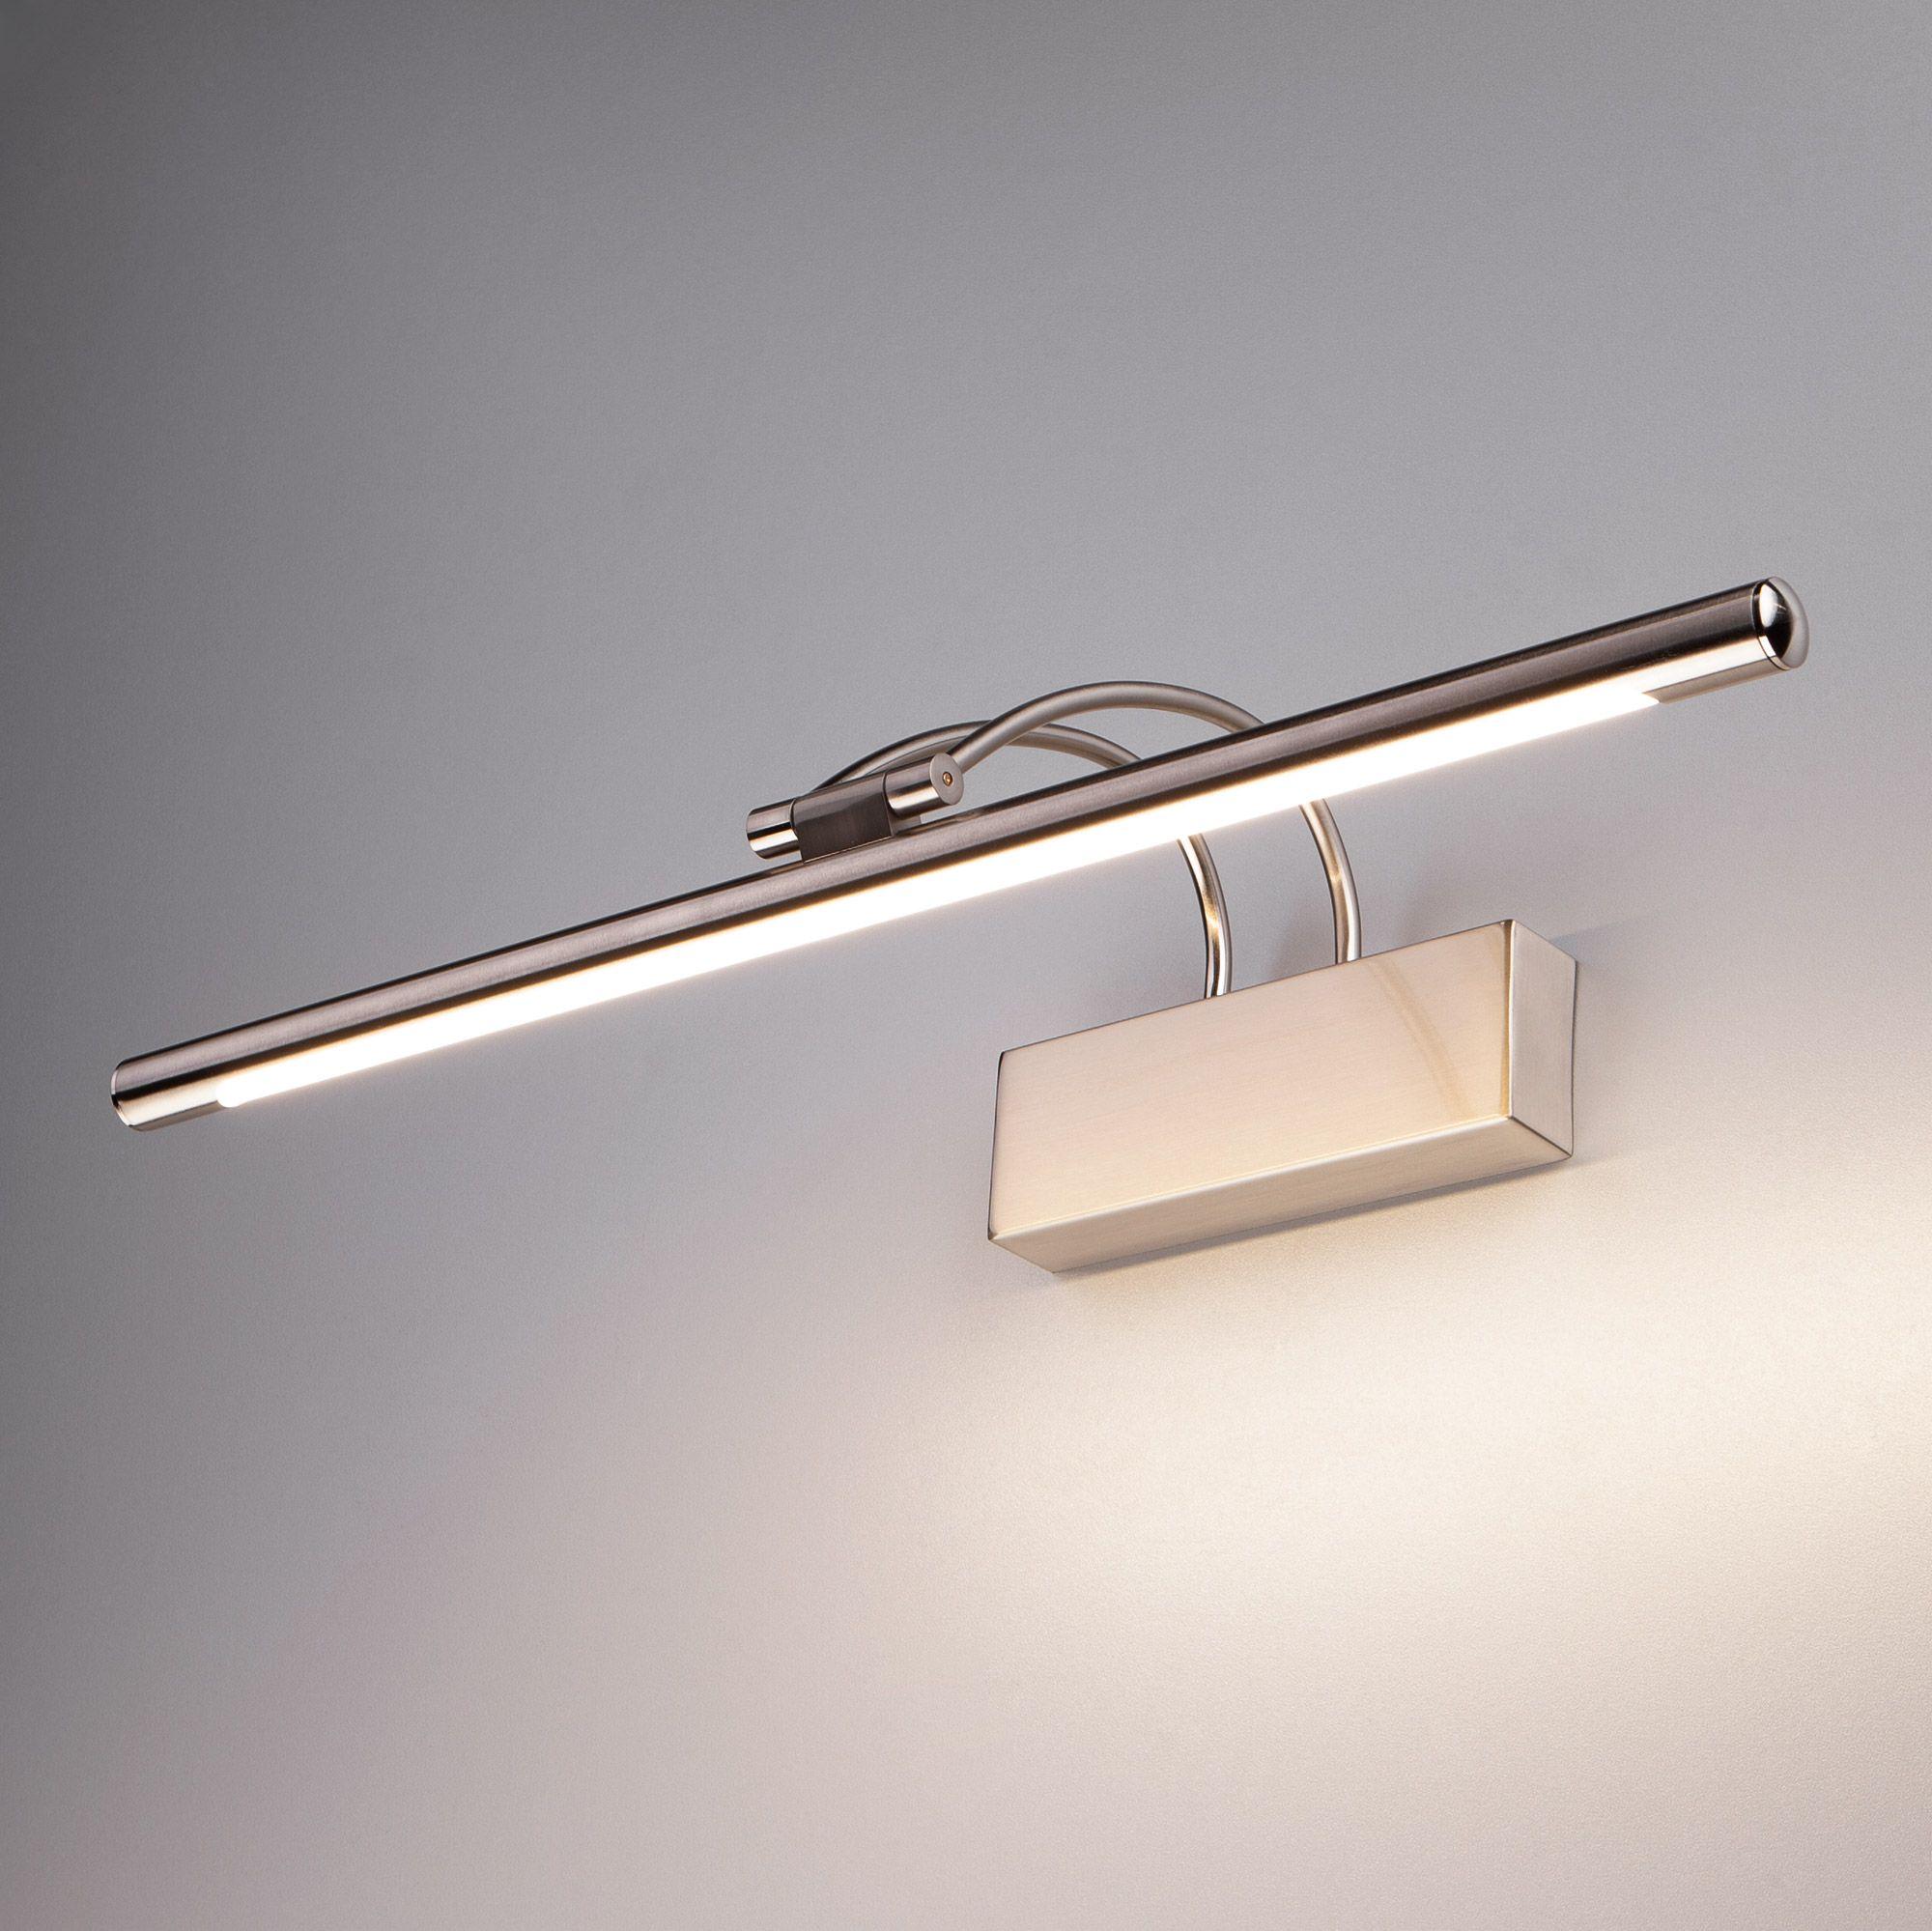 Настенный светодиодный светильник Simple LED MRL LED 10W 1011 IP20  никель